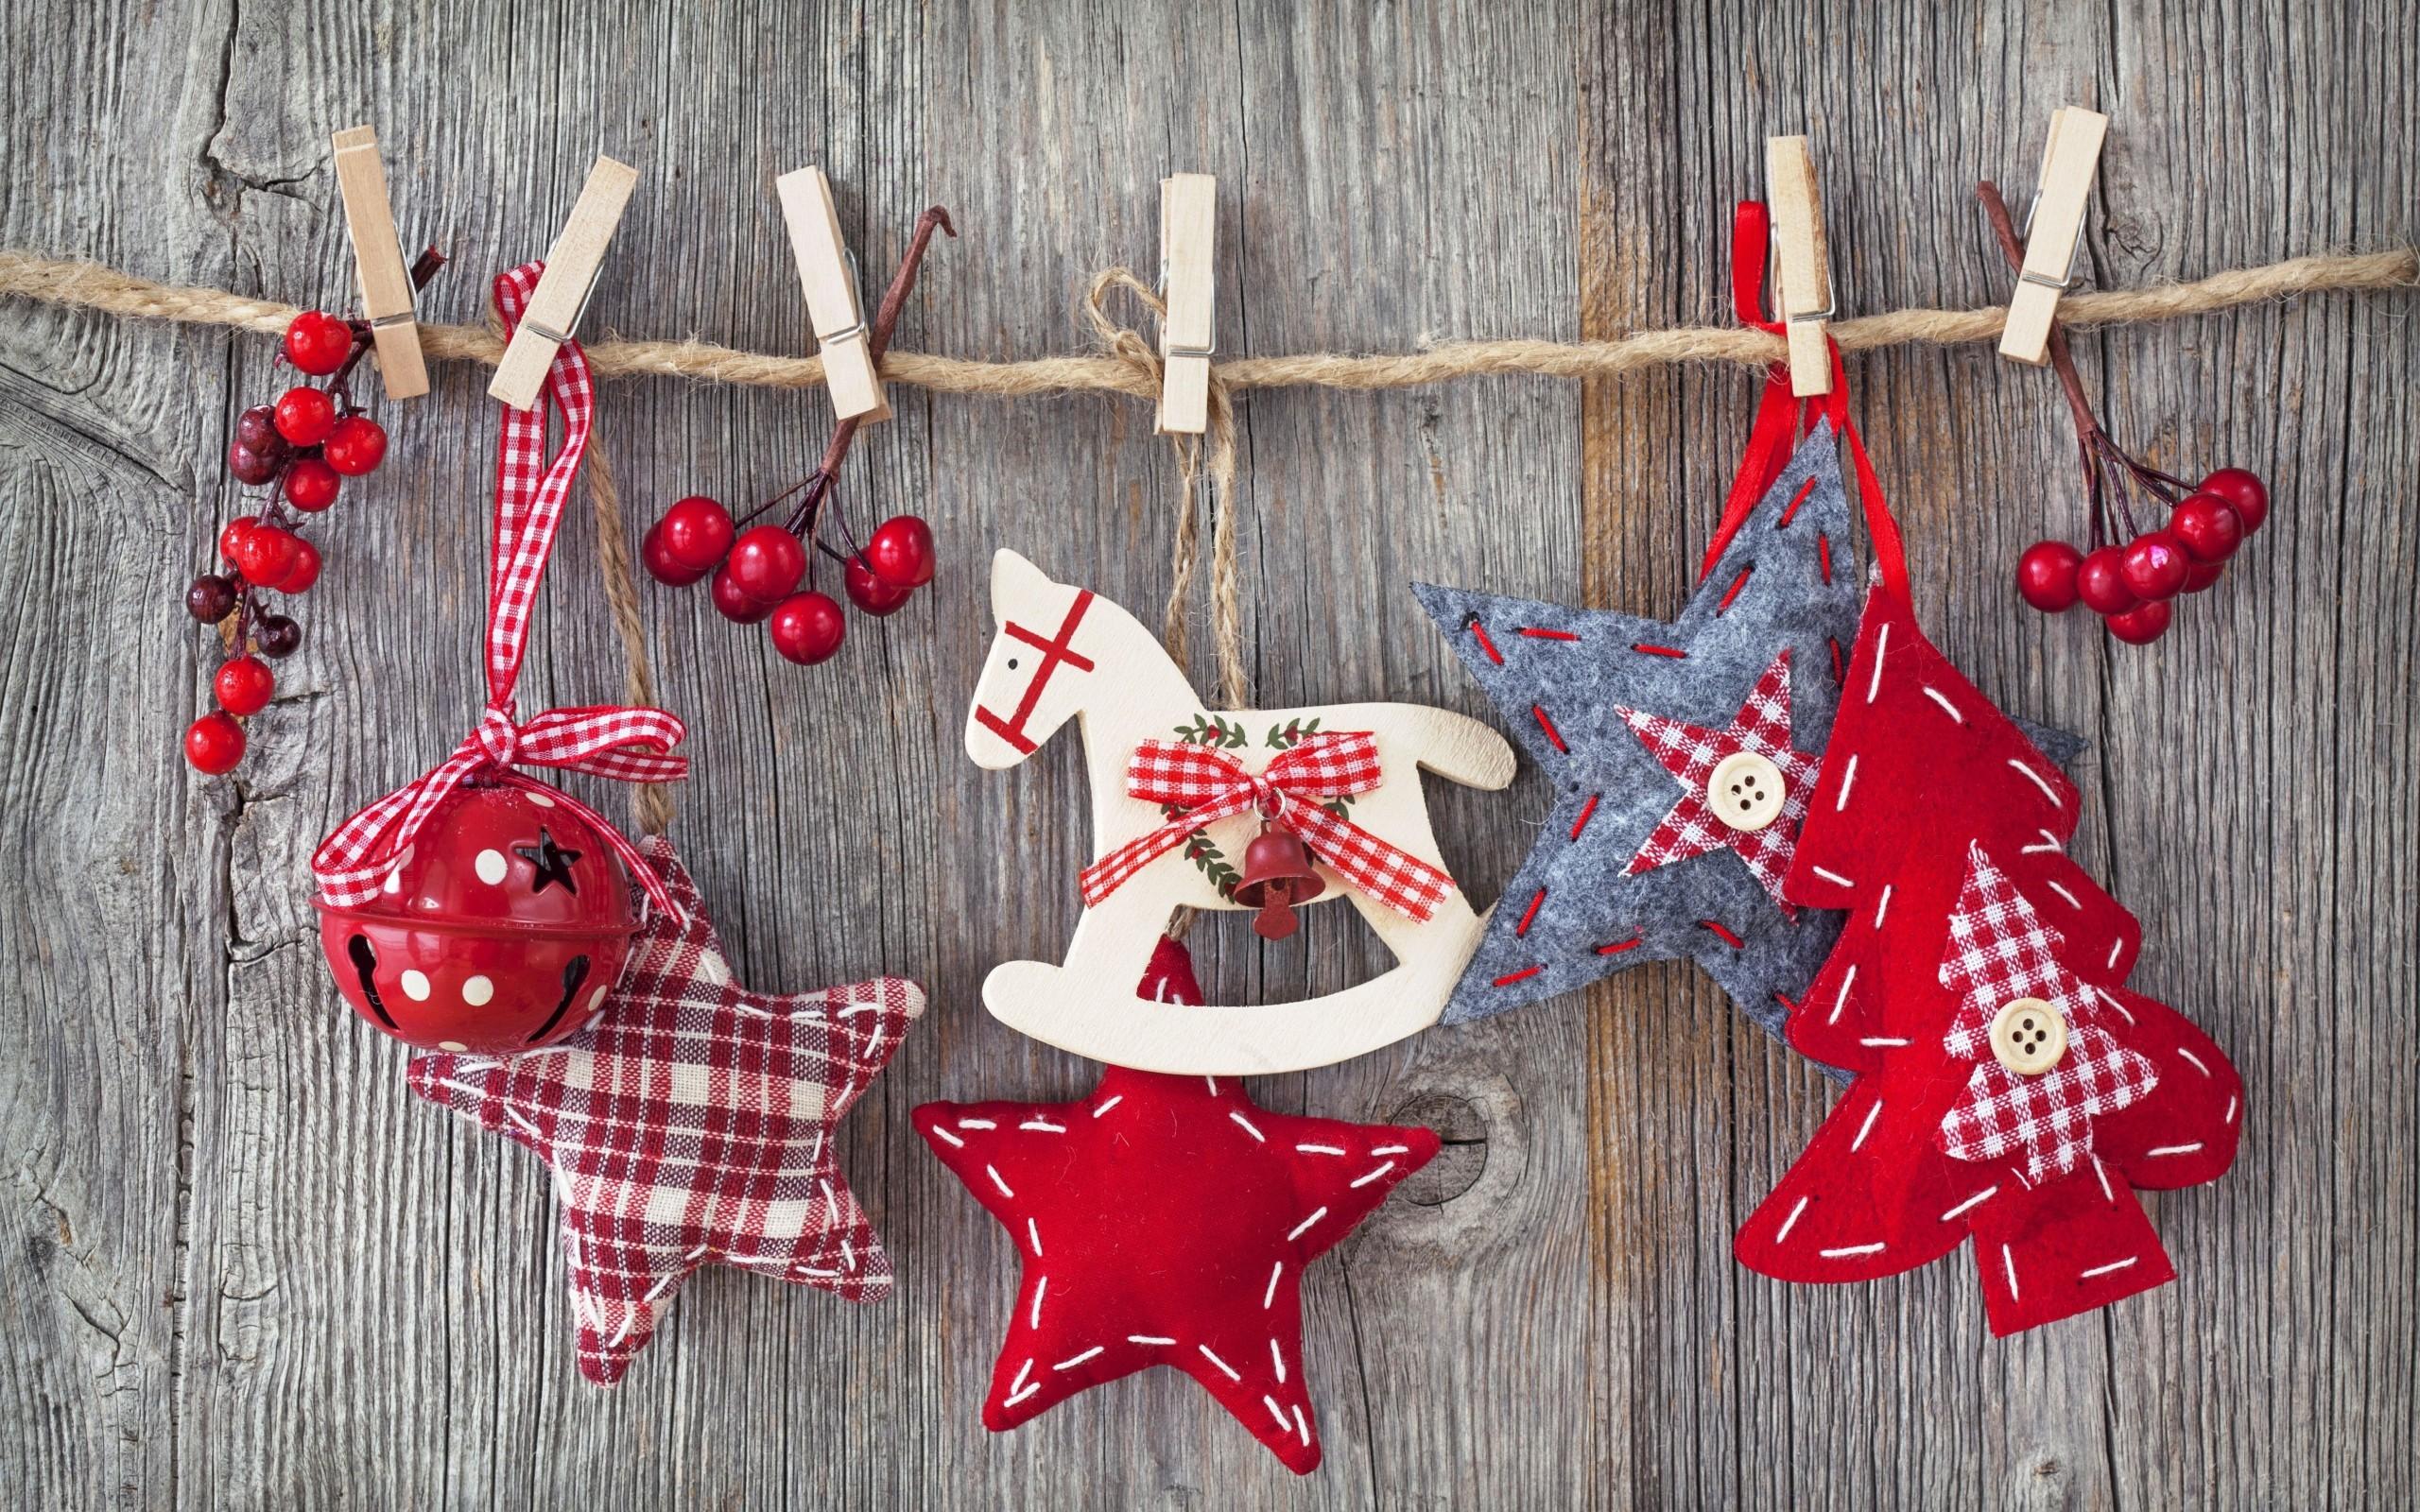 возникает необходимость новогоднее украшение своими руками помощь выполнением